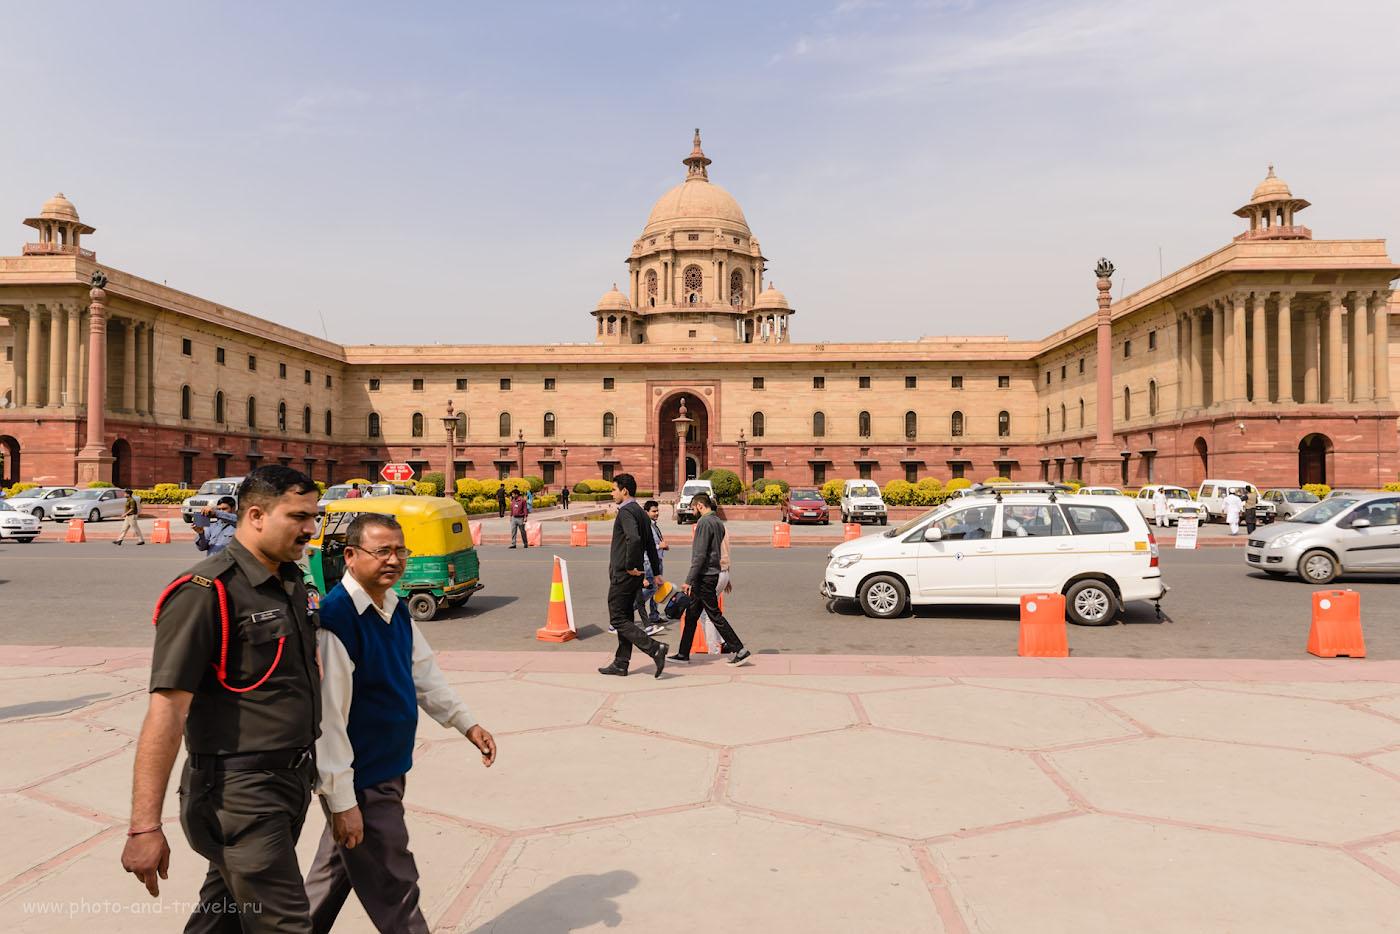 Фото 29. Посещение Правительственного квартала в Дели. Что посмотреть за один день.